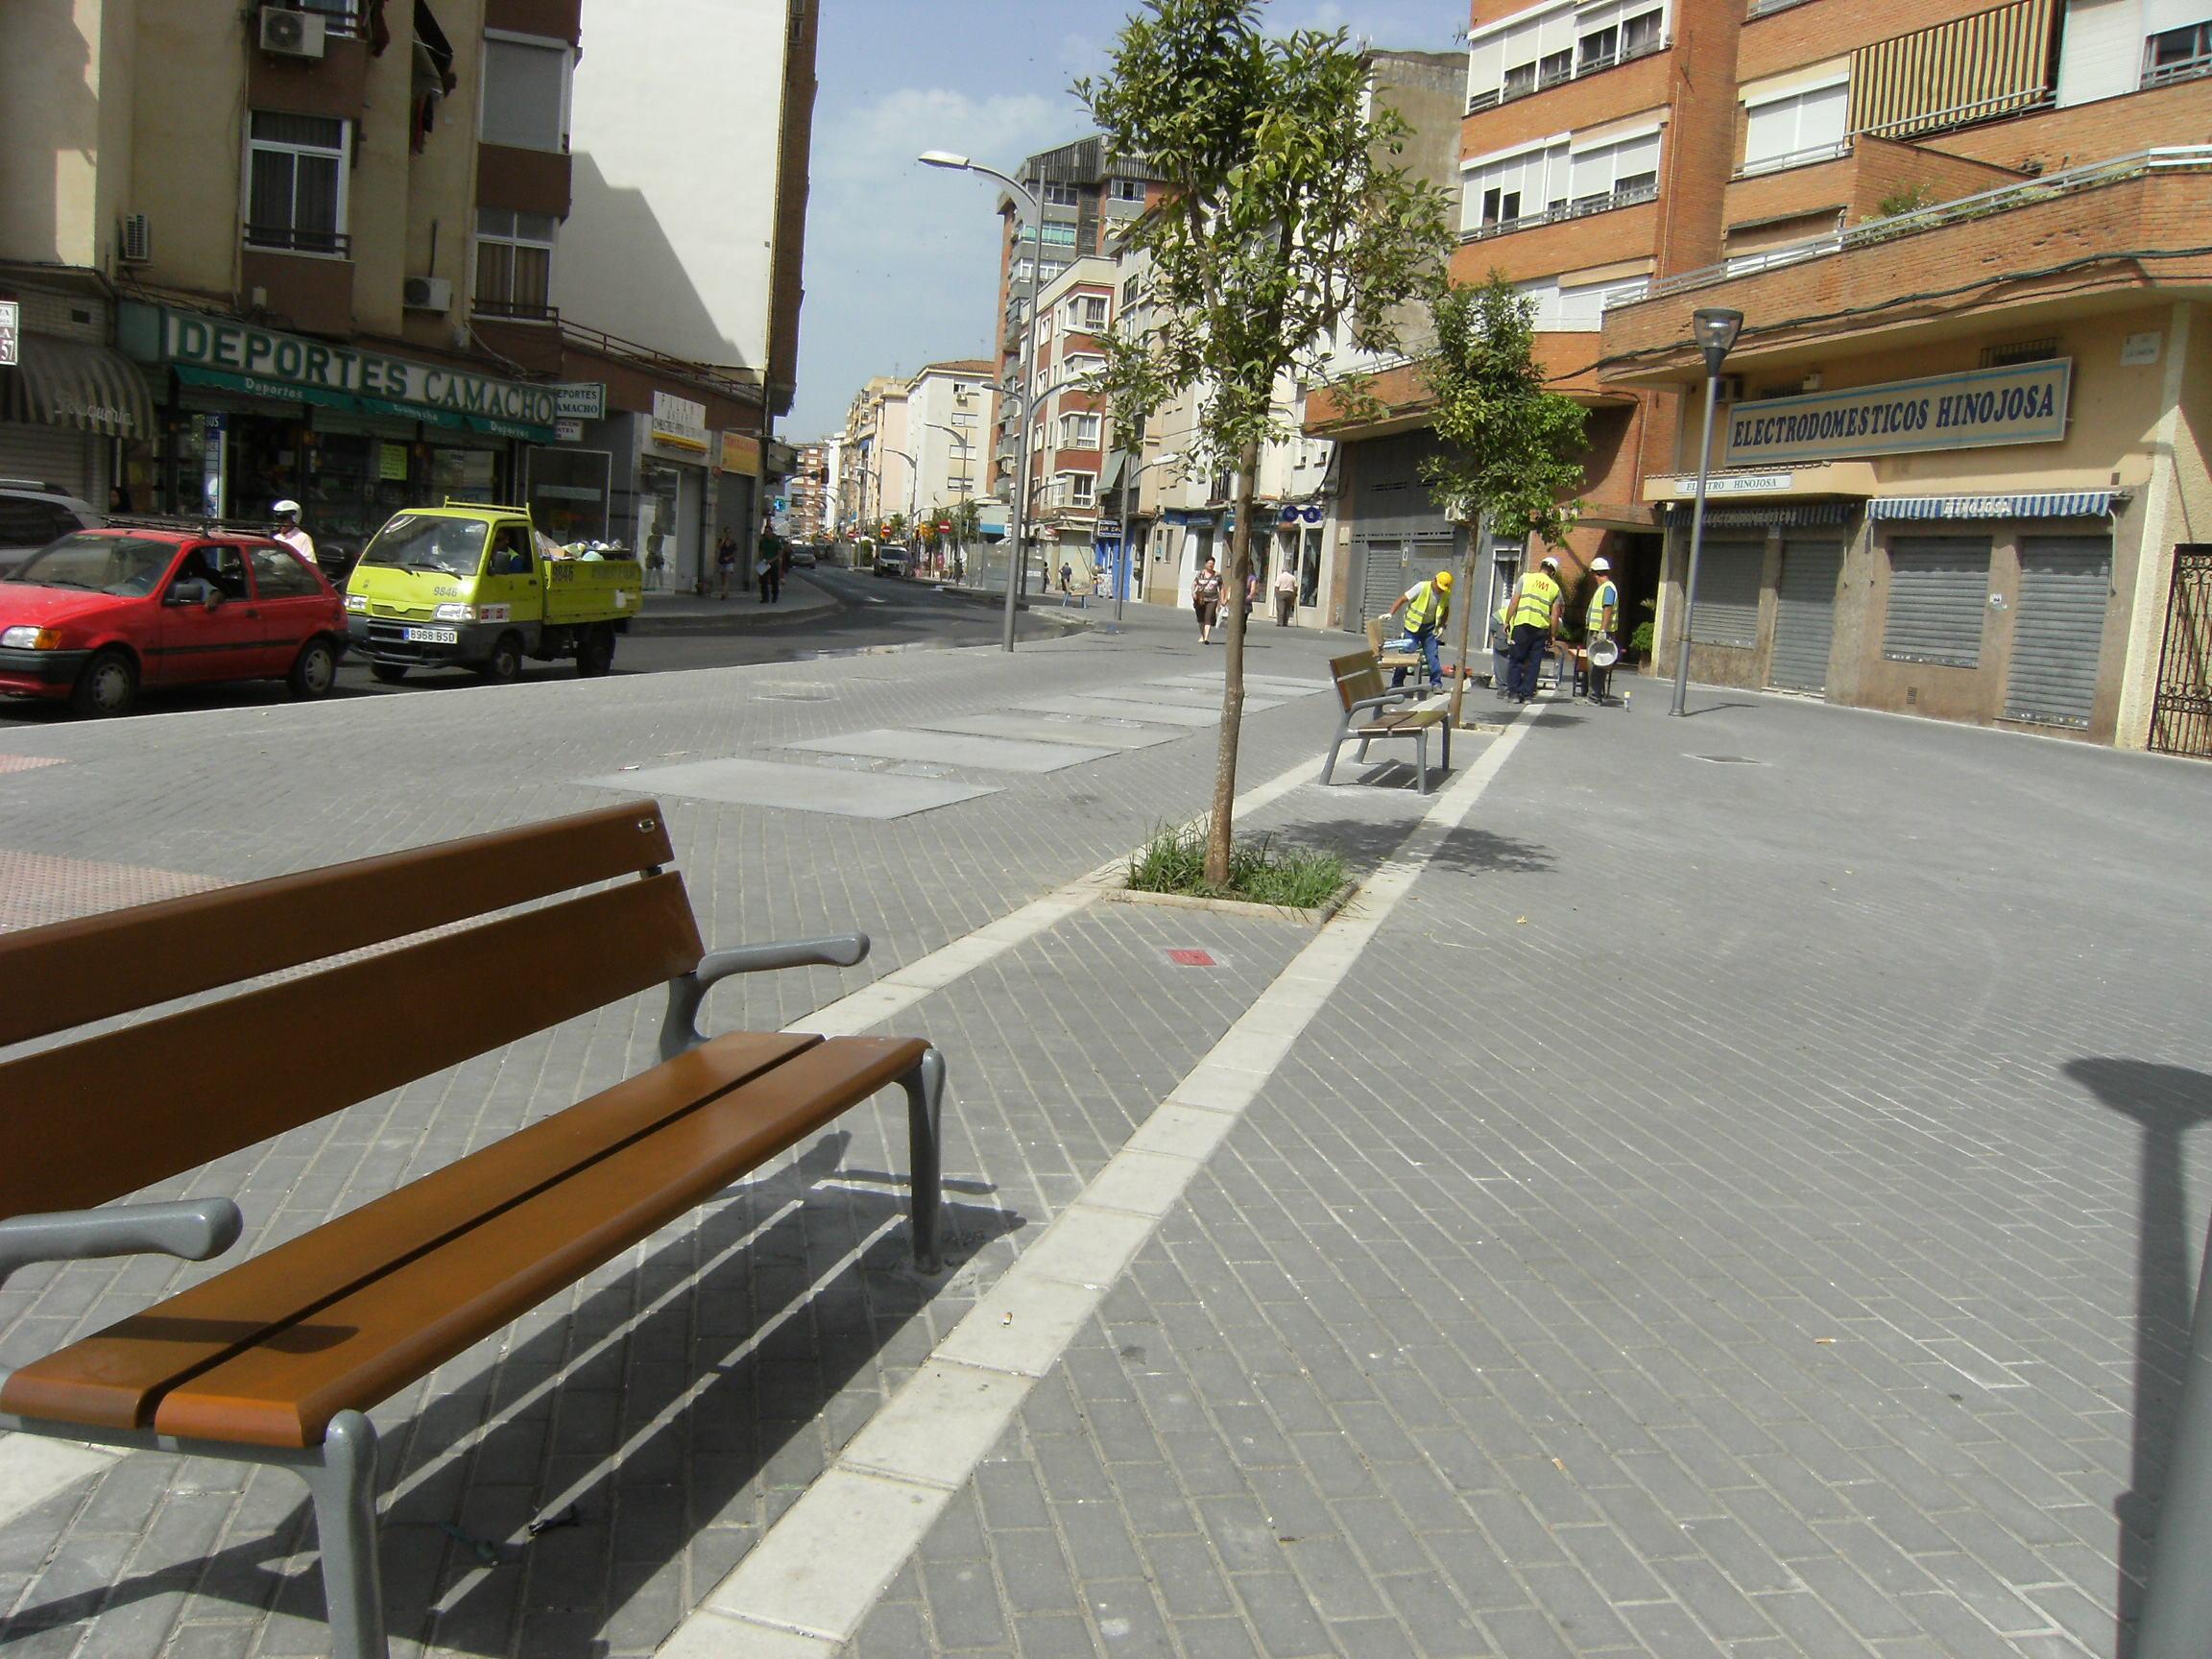 Mobiliario urbano colocado en la Calle La Unión